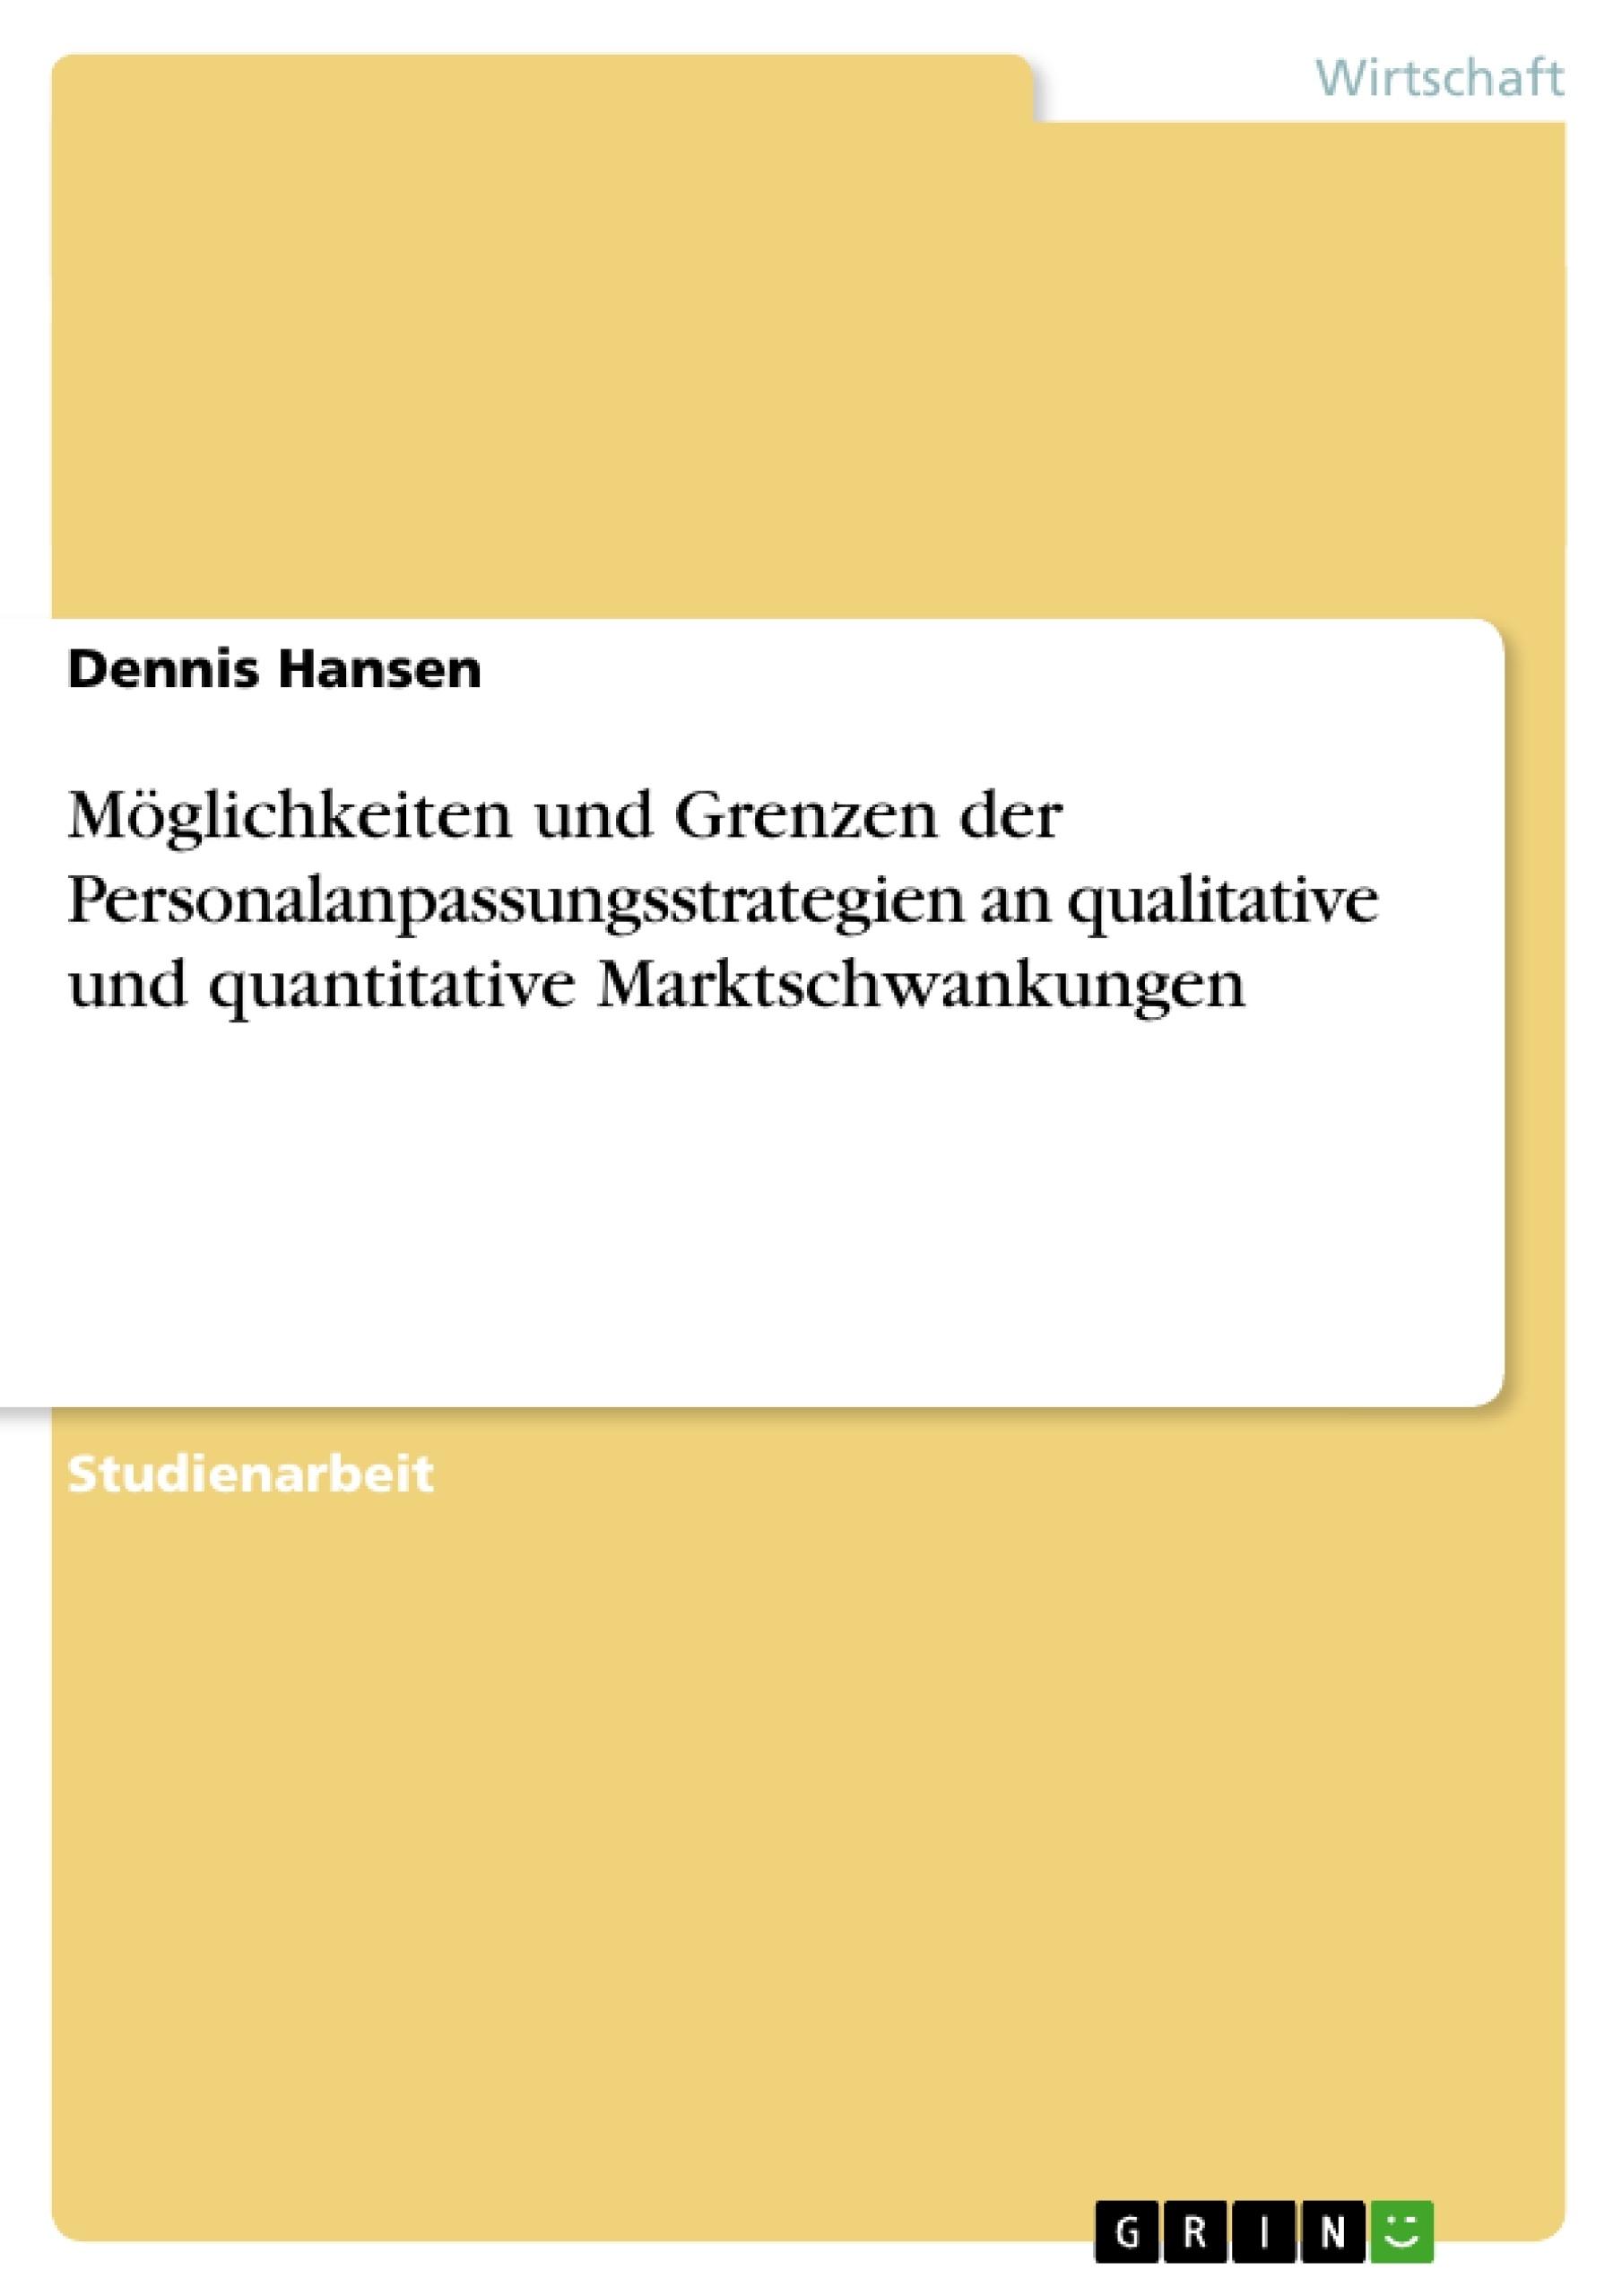 Titel: Möglichkeiten und Grenzen der Personalanpassungsstrategien an qualitative und quantitative Marktschwankungen